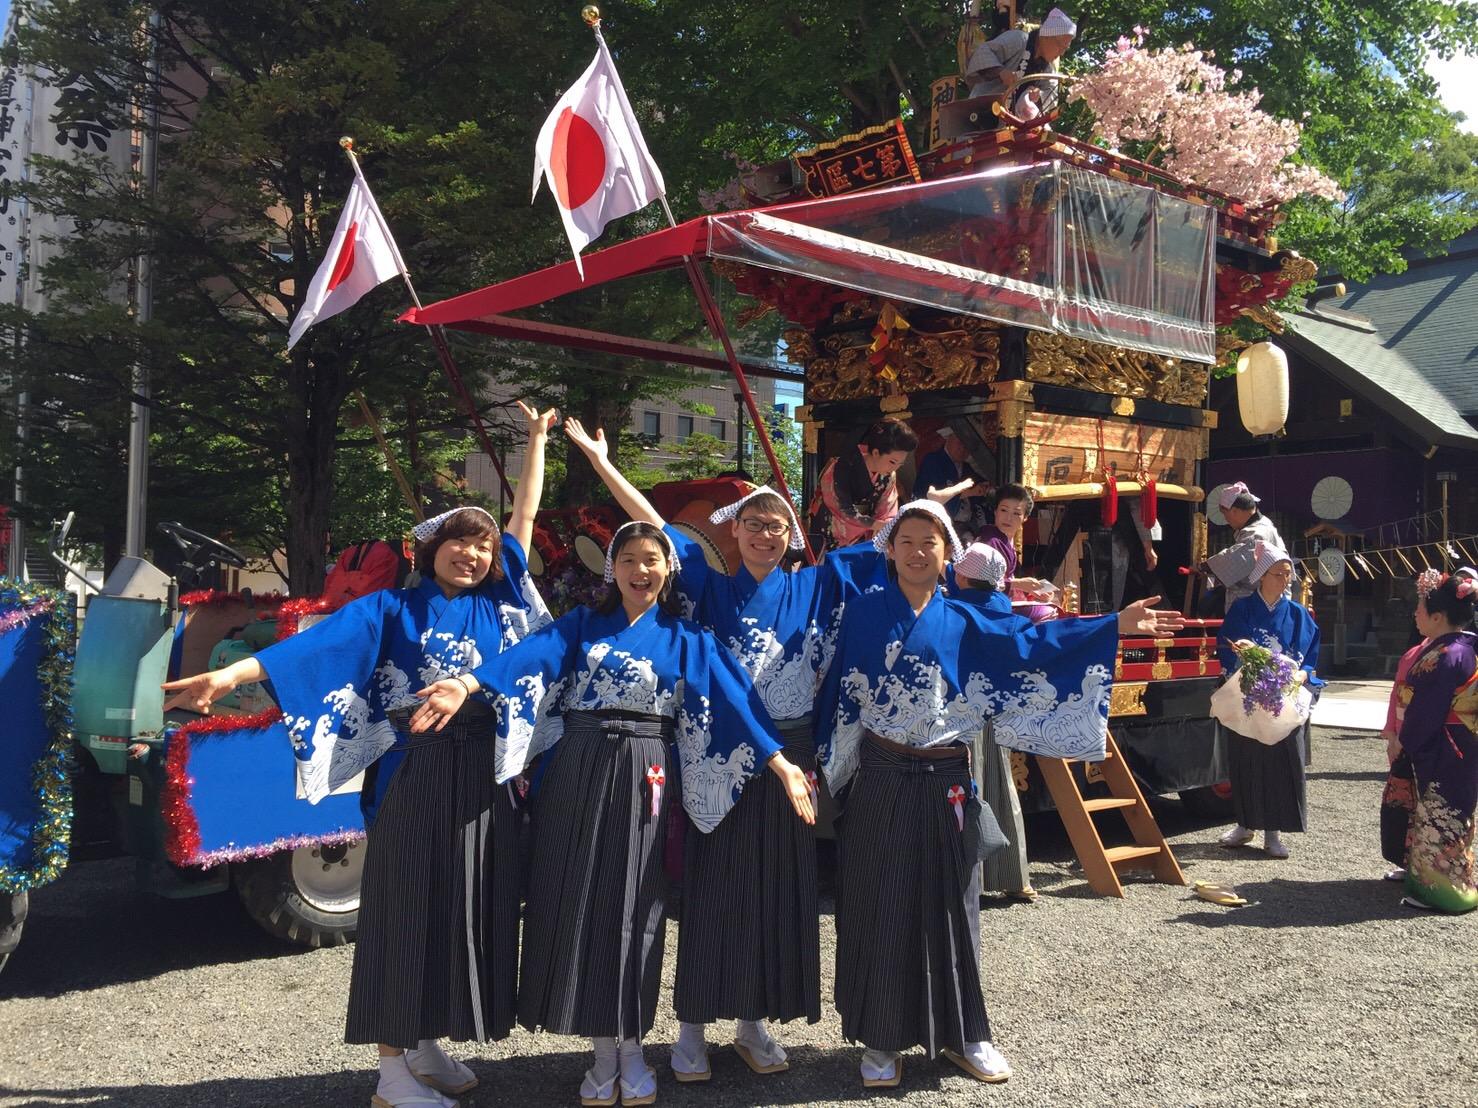 札幌ゲストハウス雪結(yuyu)のメンバーと山車をひきました